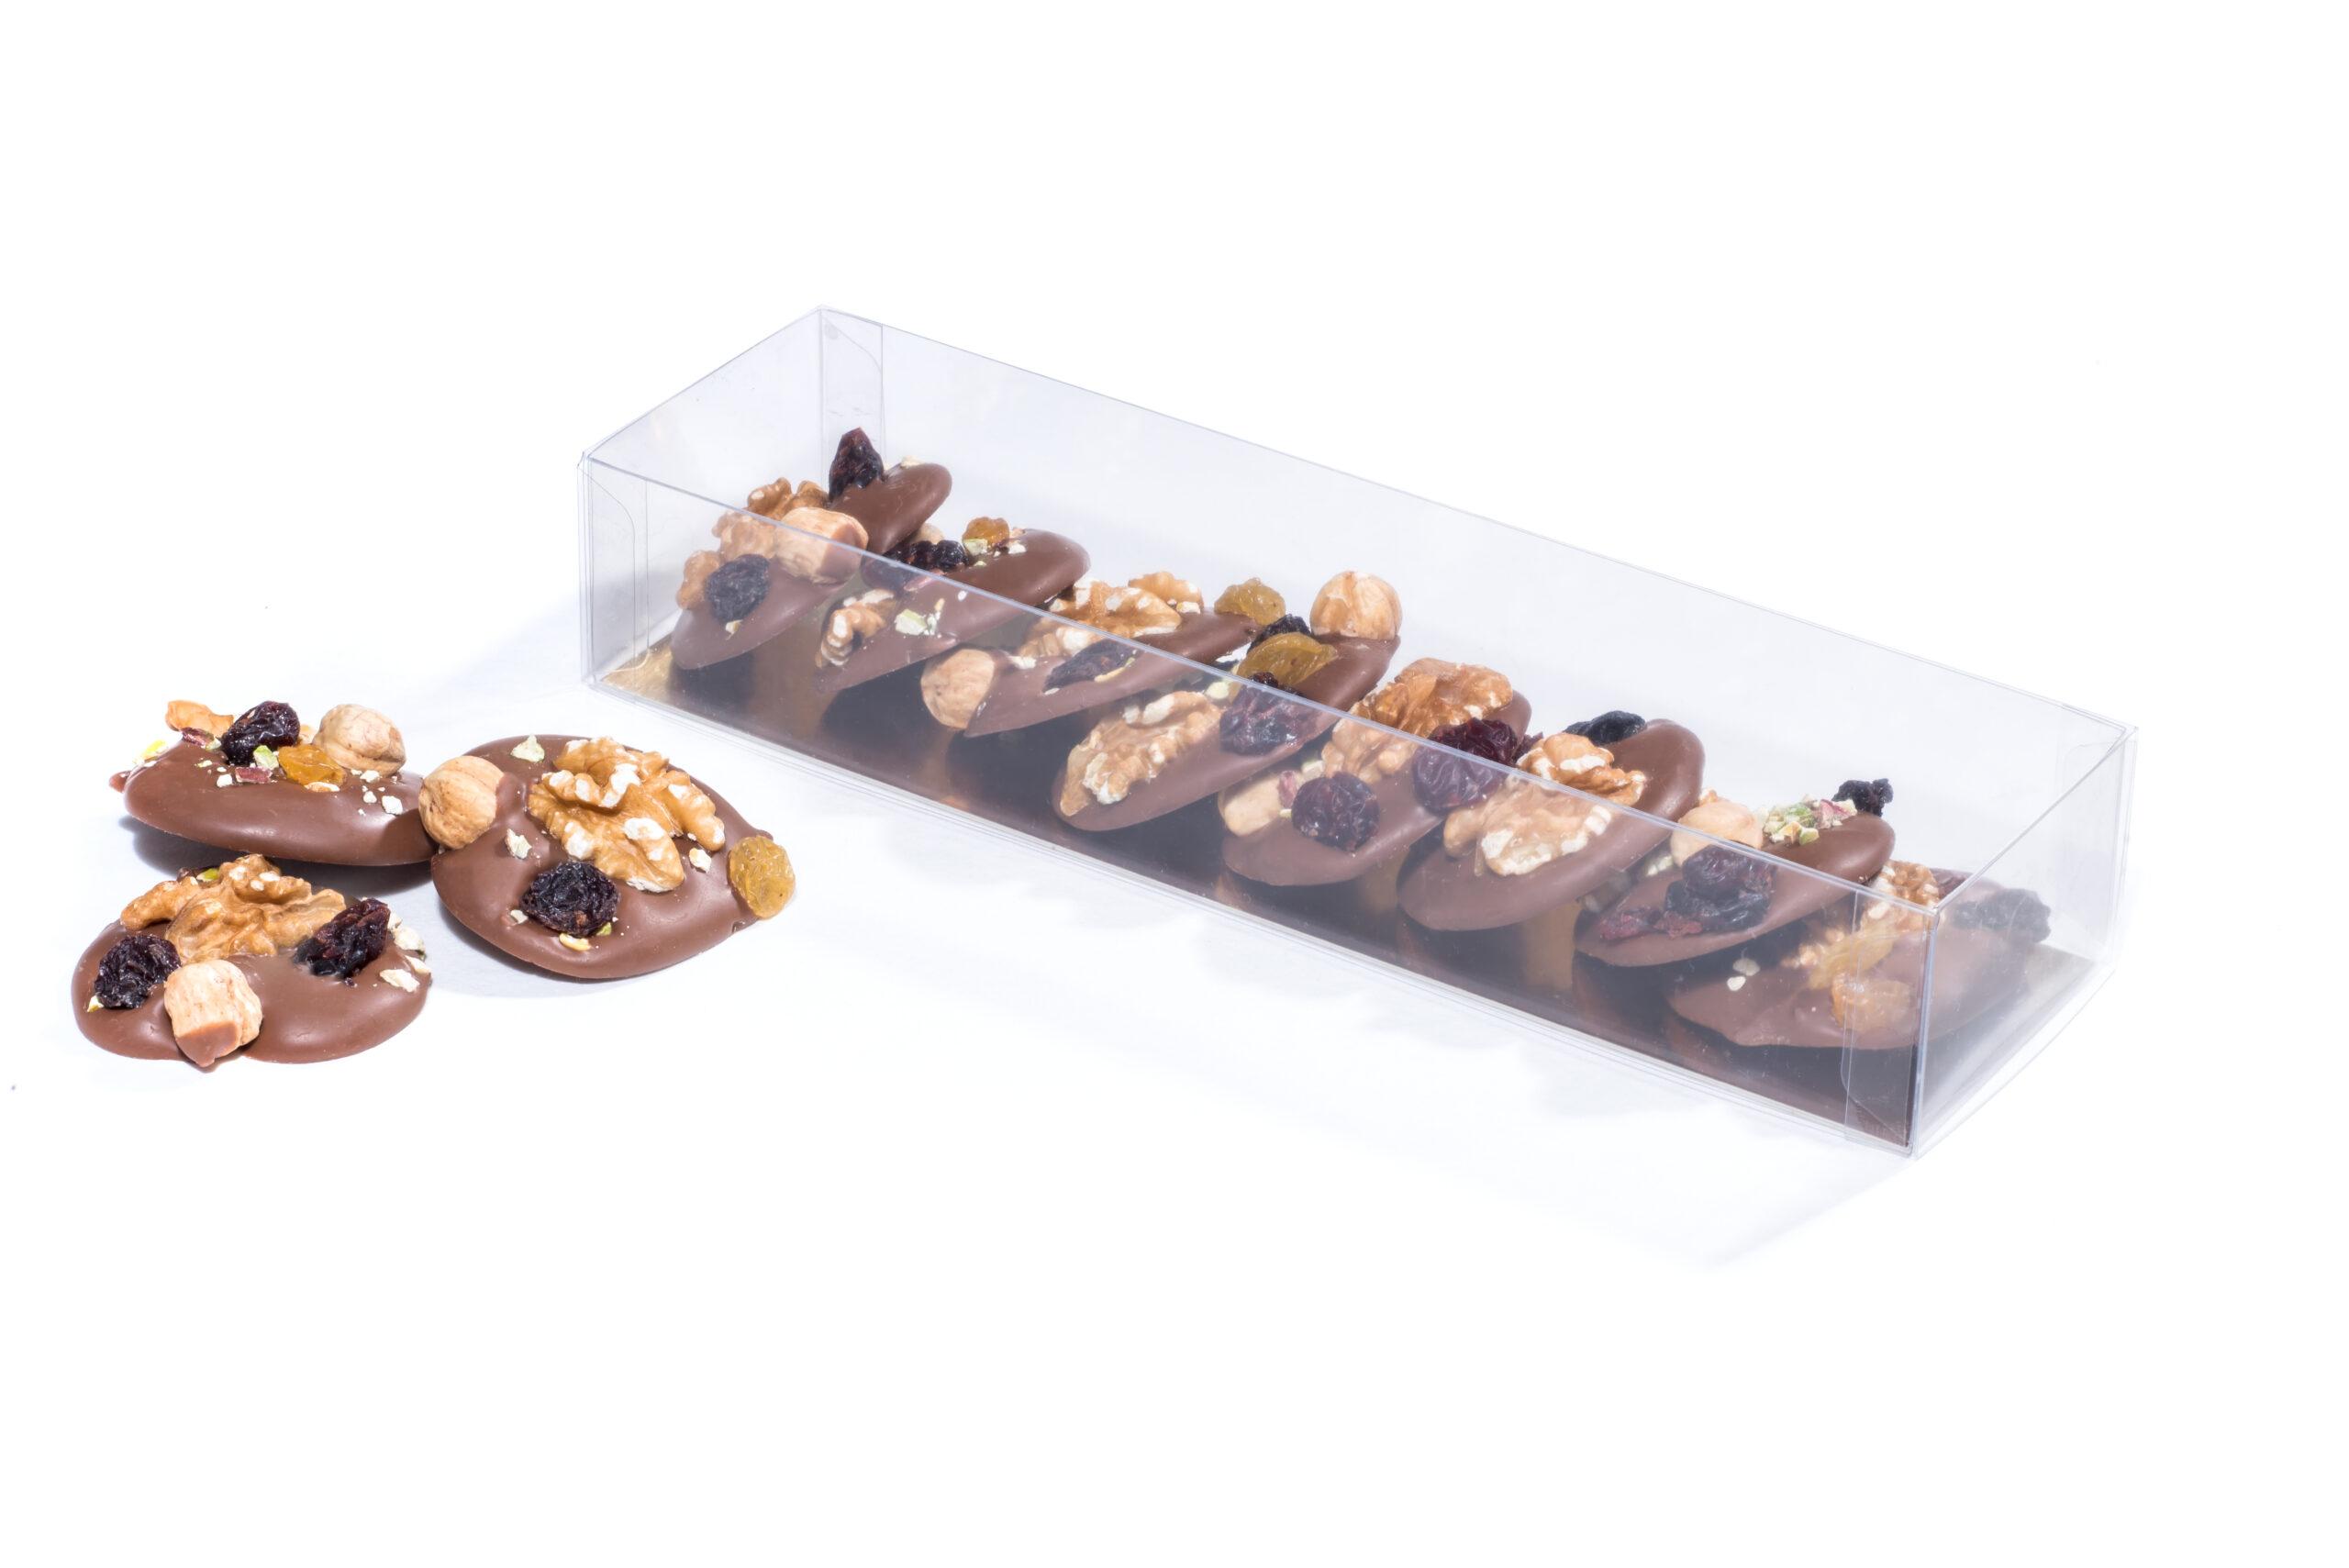 Verpakking voor chocolade | Verpakking voor voedingsindustrie